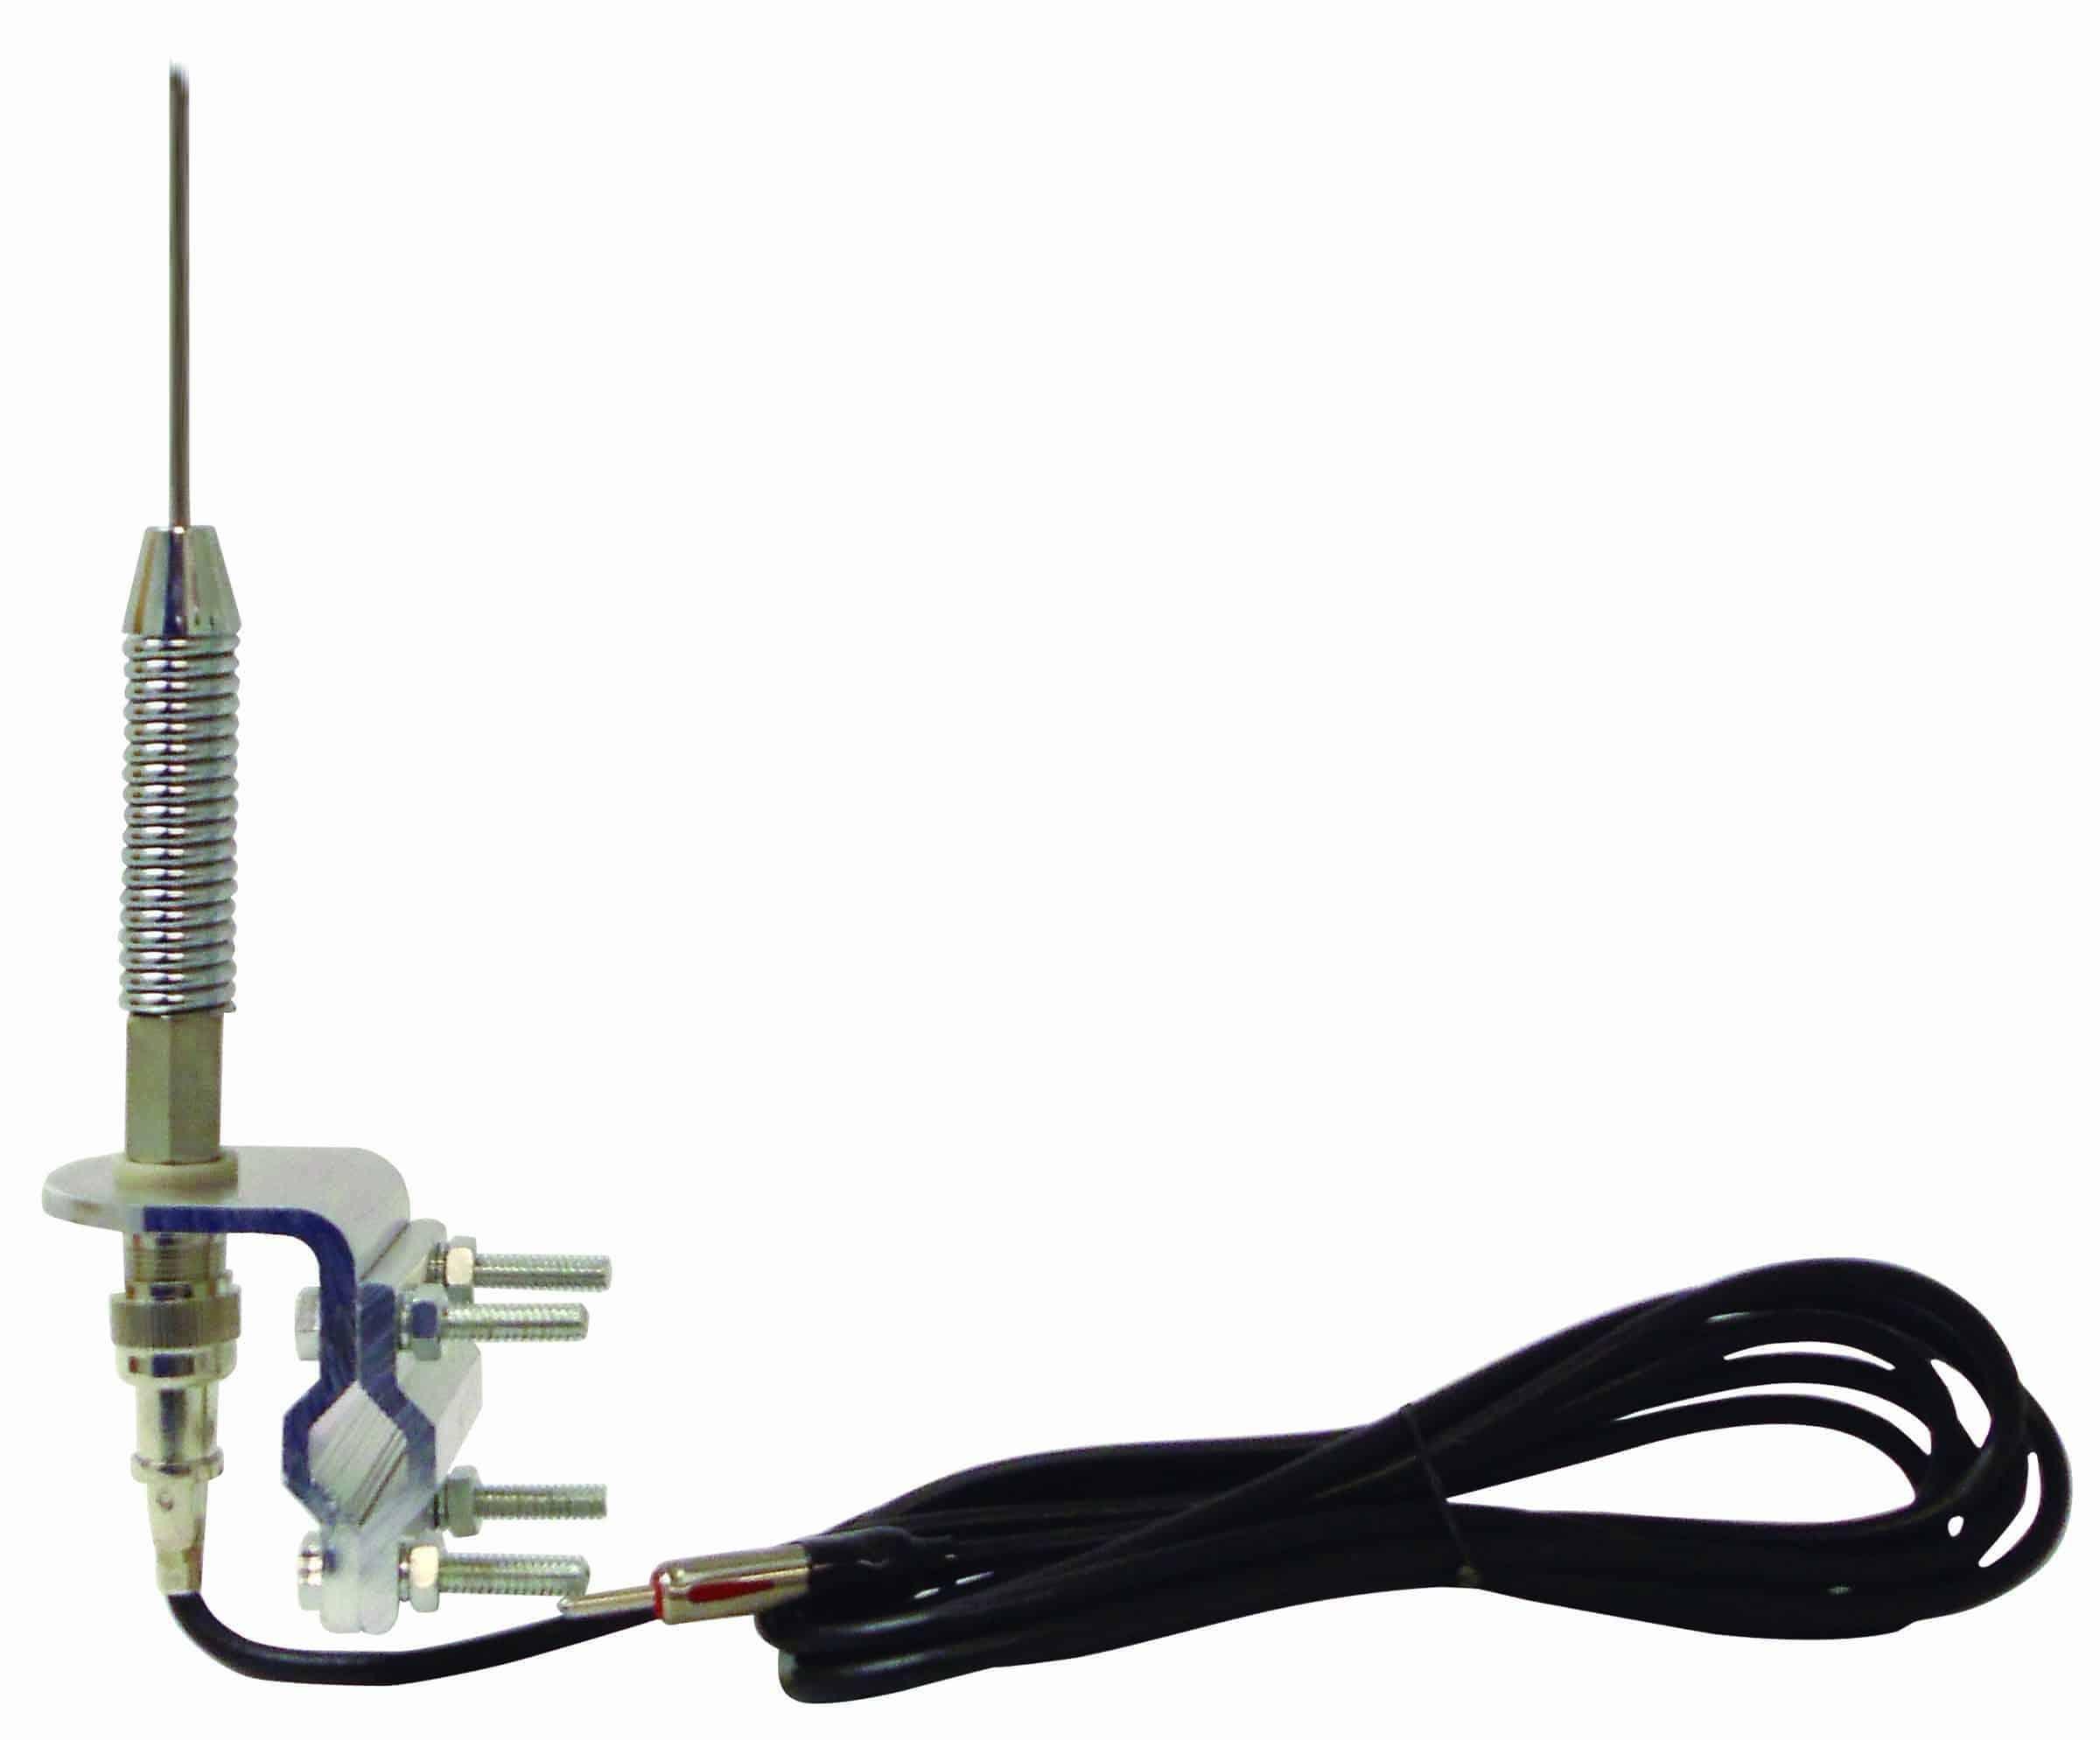 44UM53 - Metra AM/FM Heavy Duty Mirror Mount Antenna